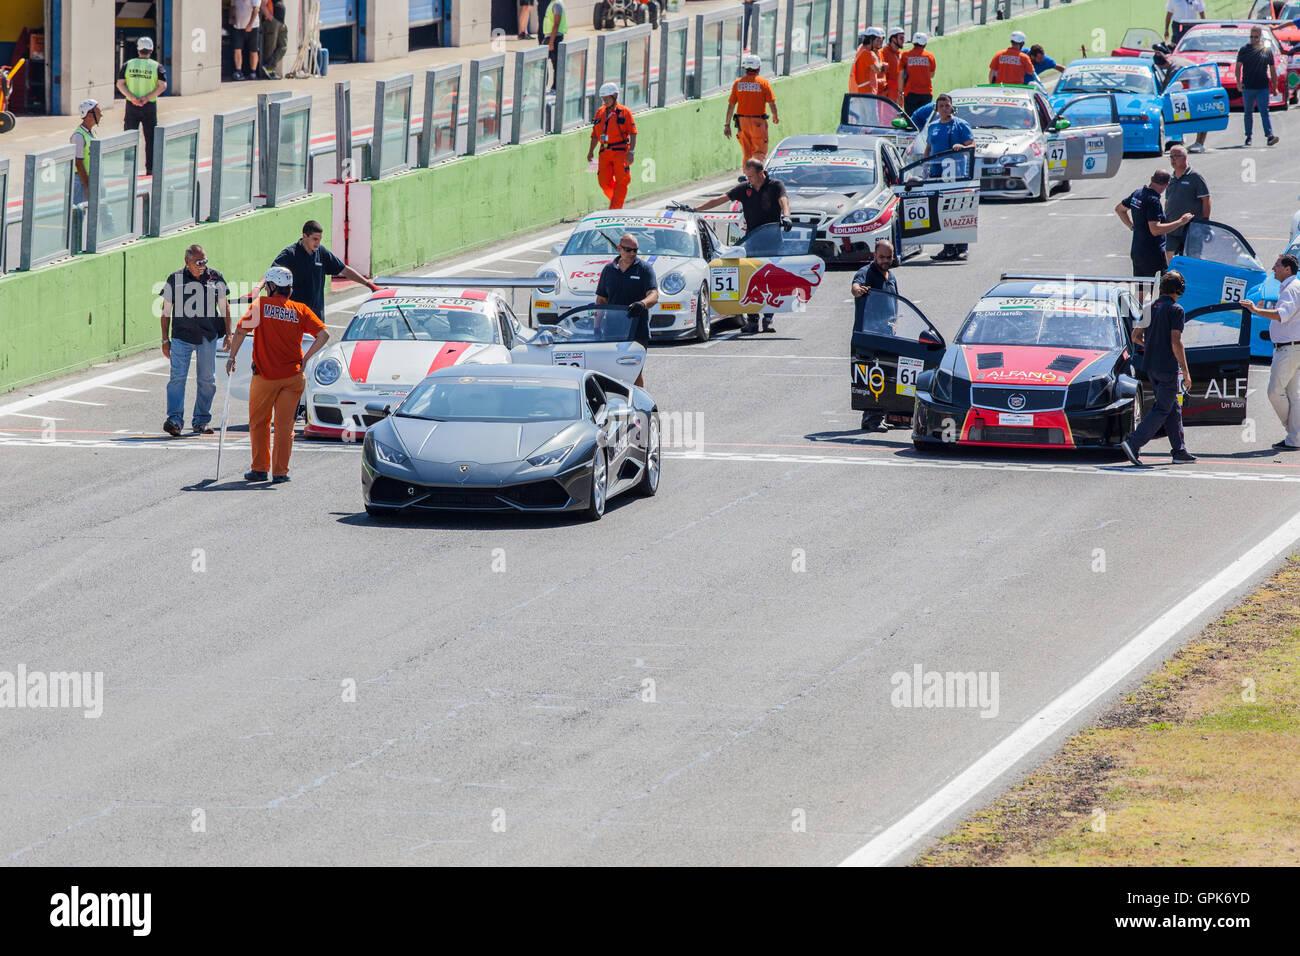 Circuito Vallelunga : Vallelunga anni tra storia e futuro libreria dell automobile